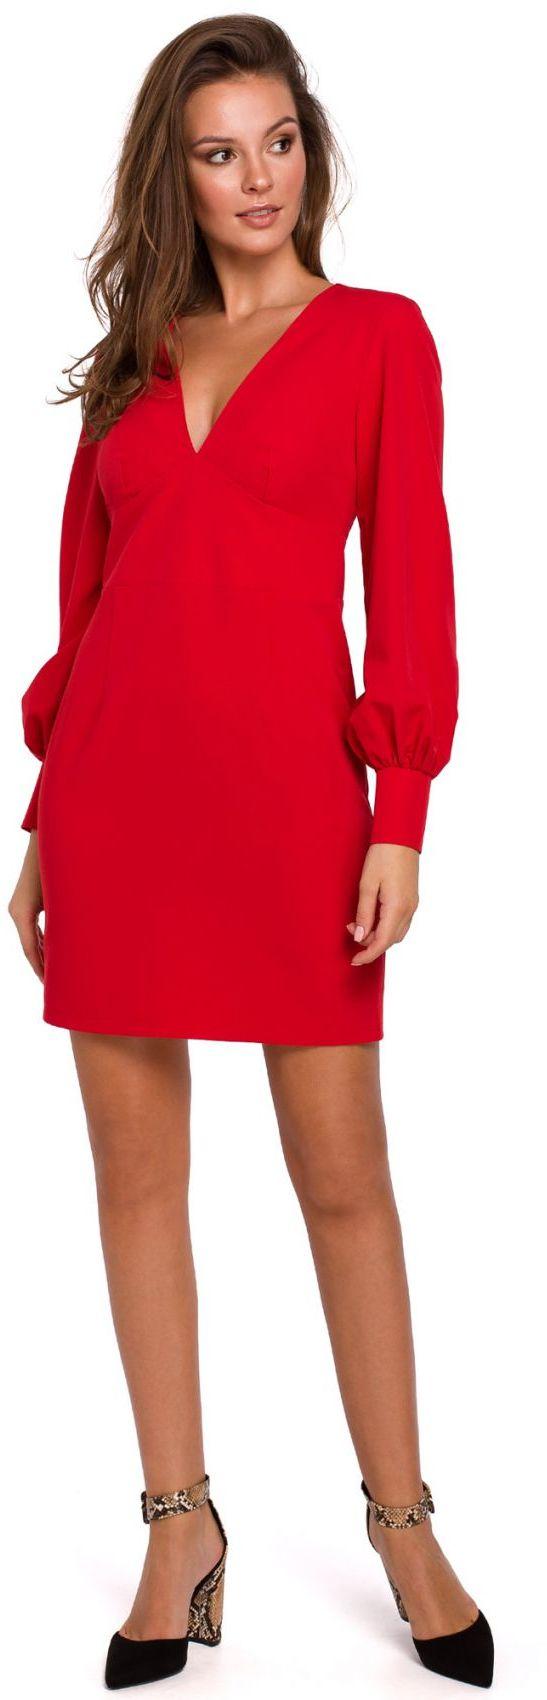 K027 Sukienka z bufiastymi rękawami - czerwona